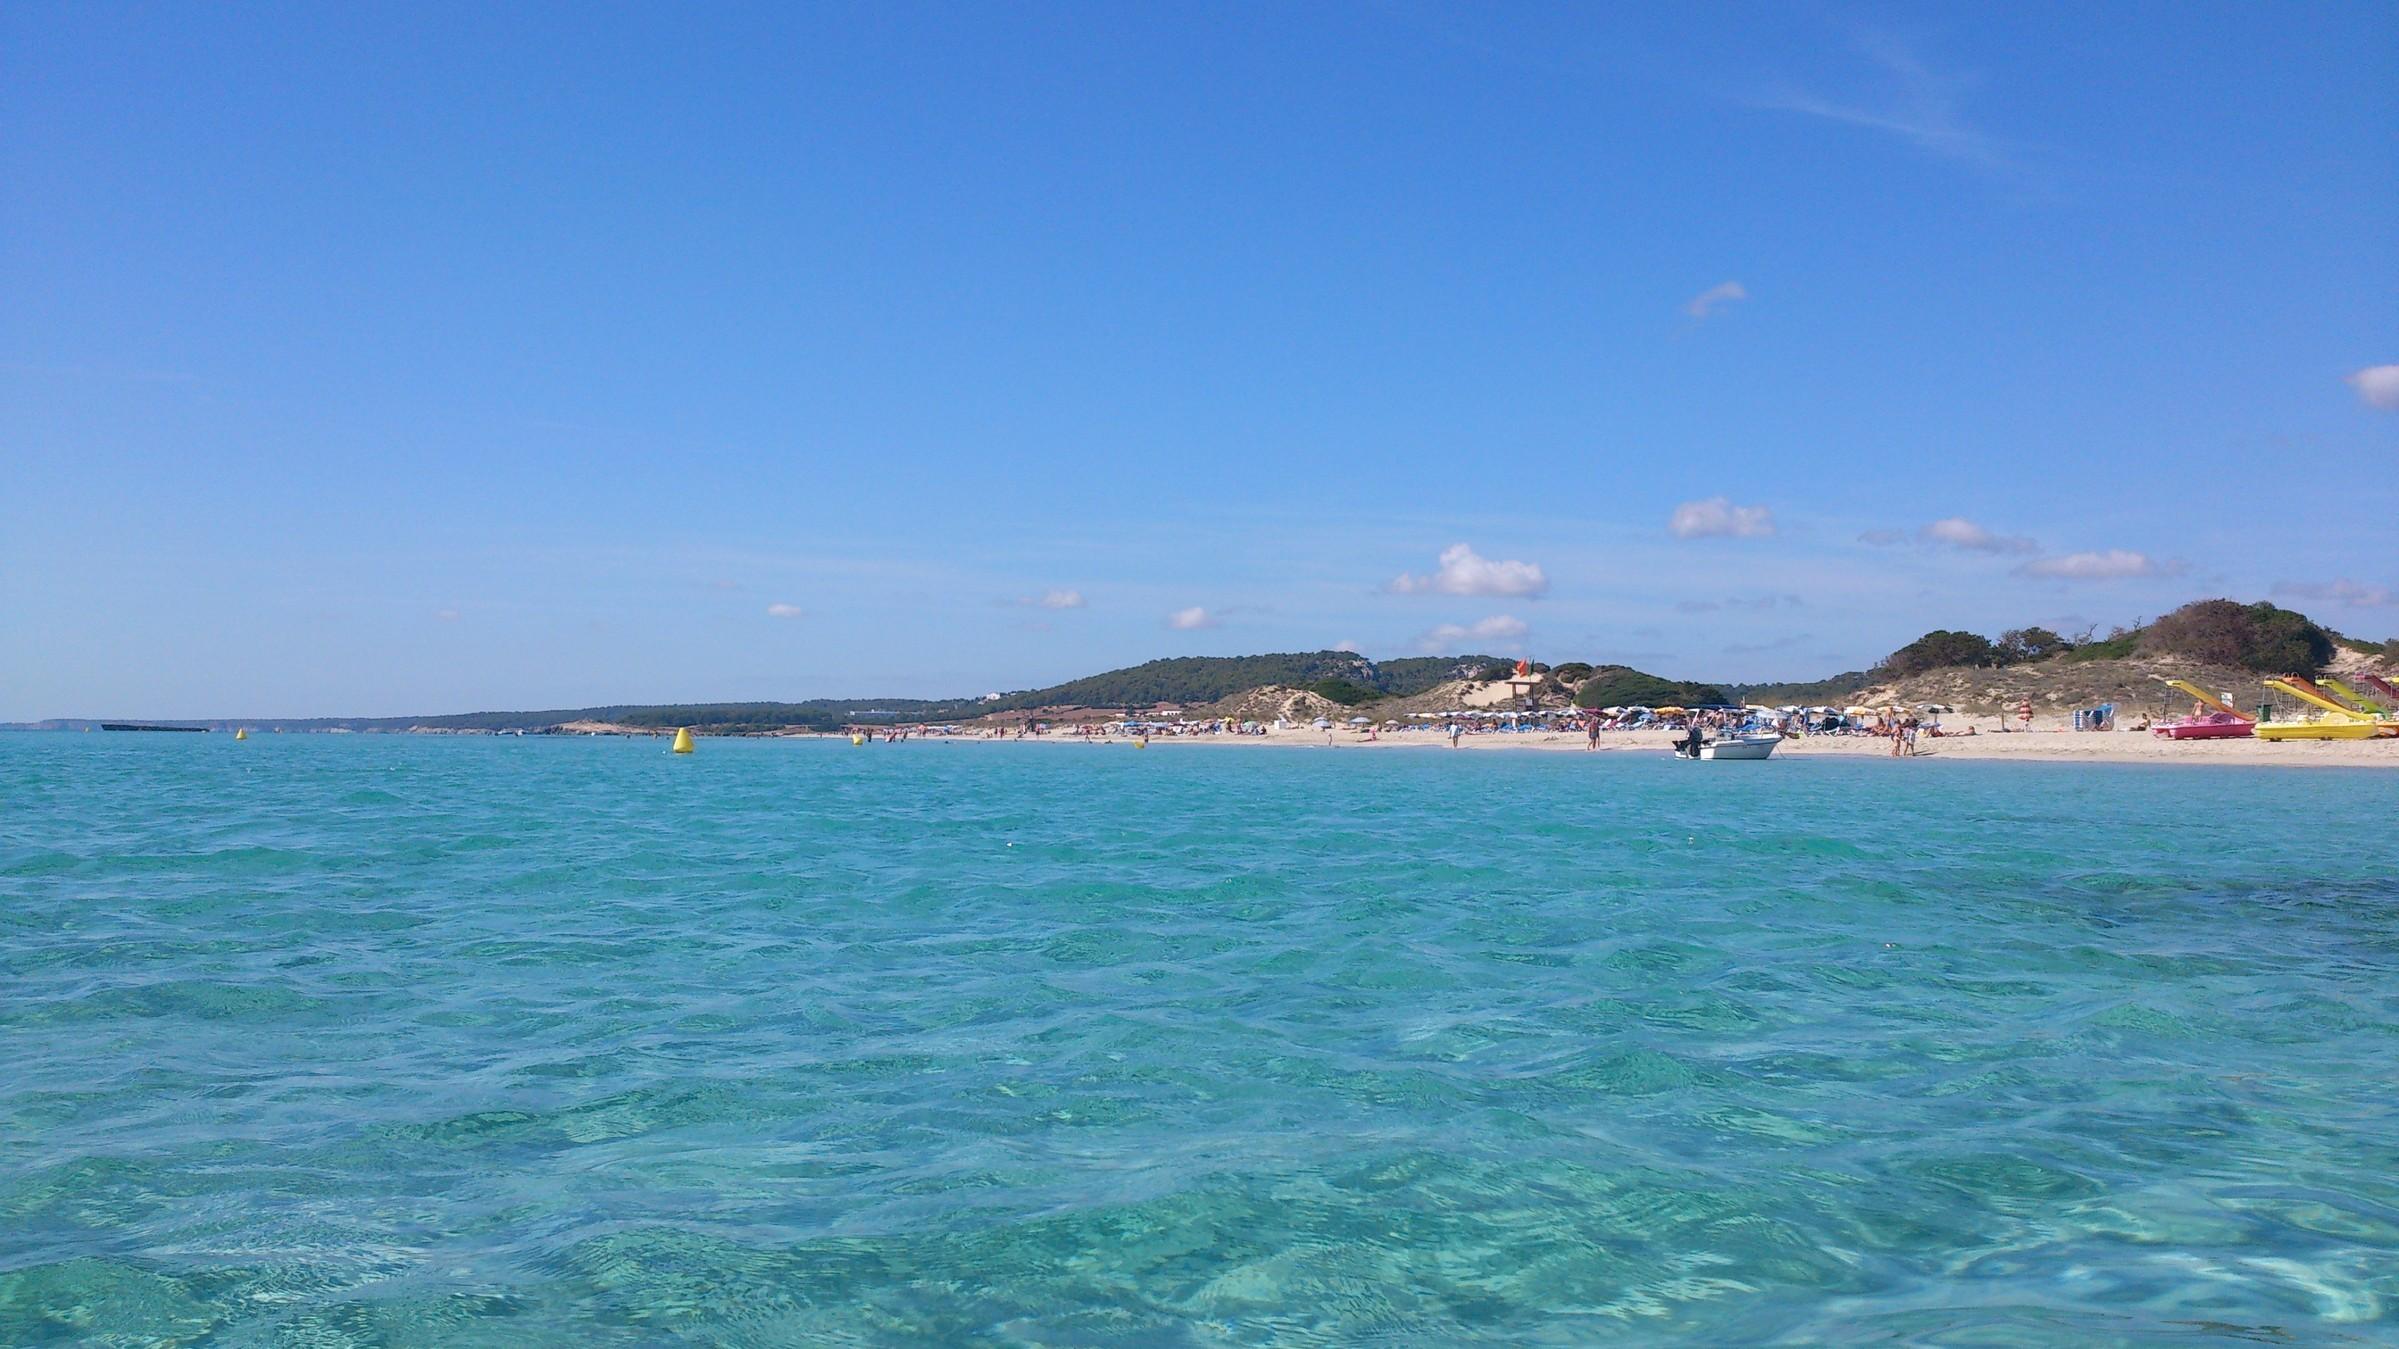 пляж сон боу, Менорка